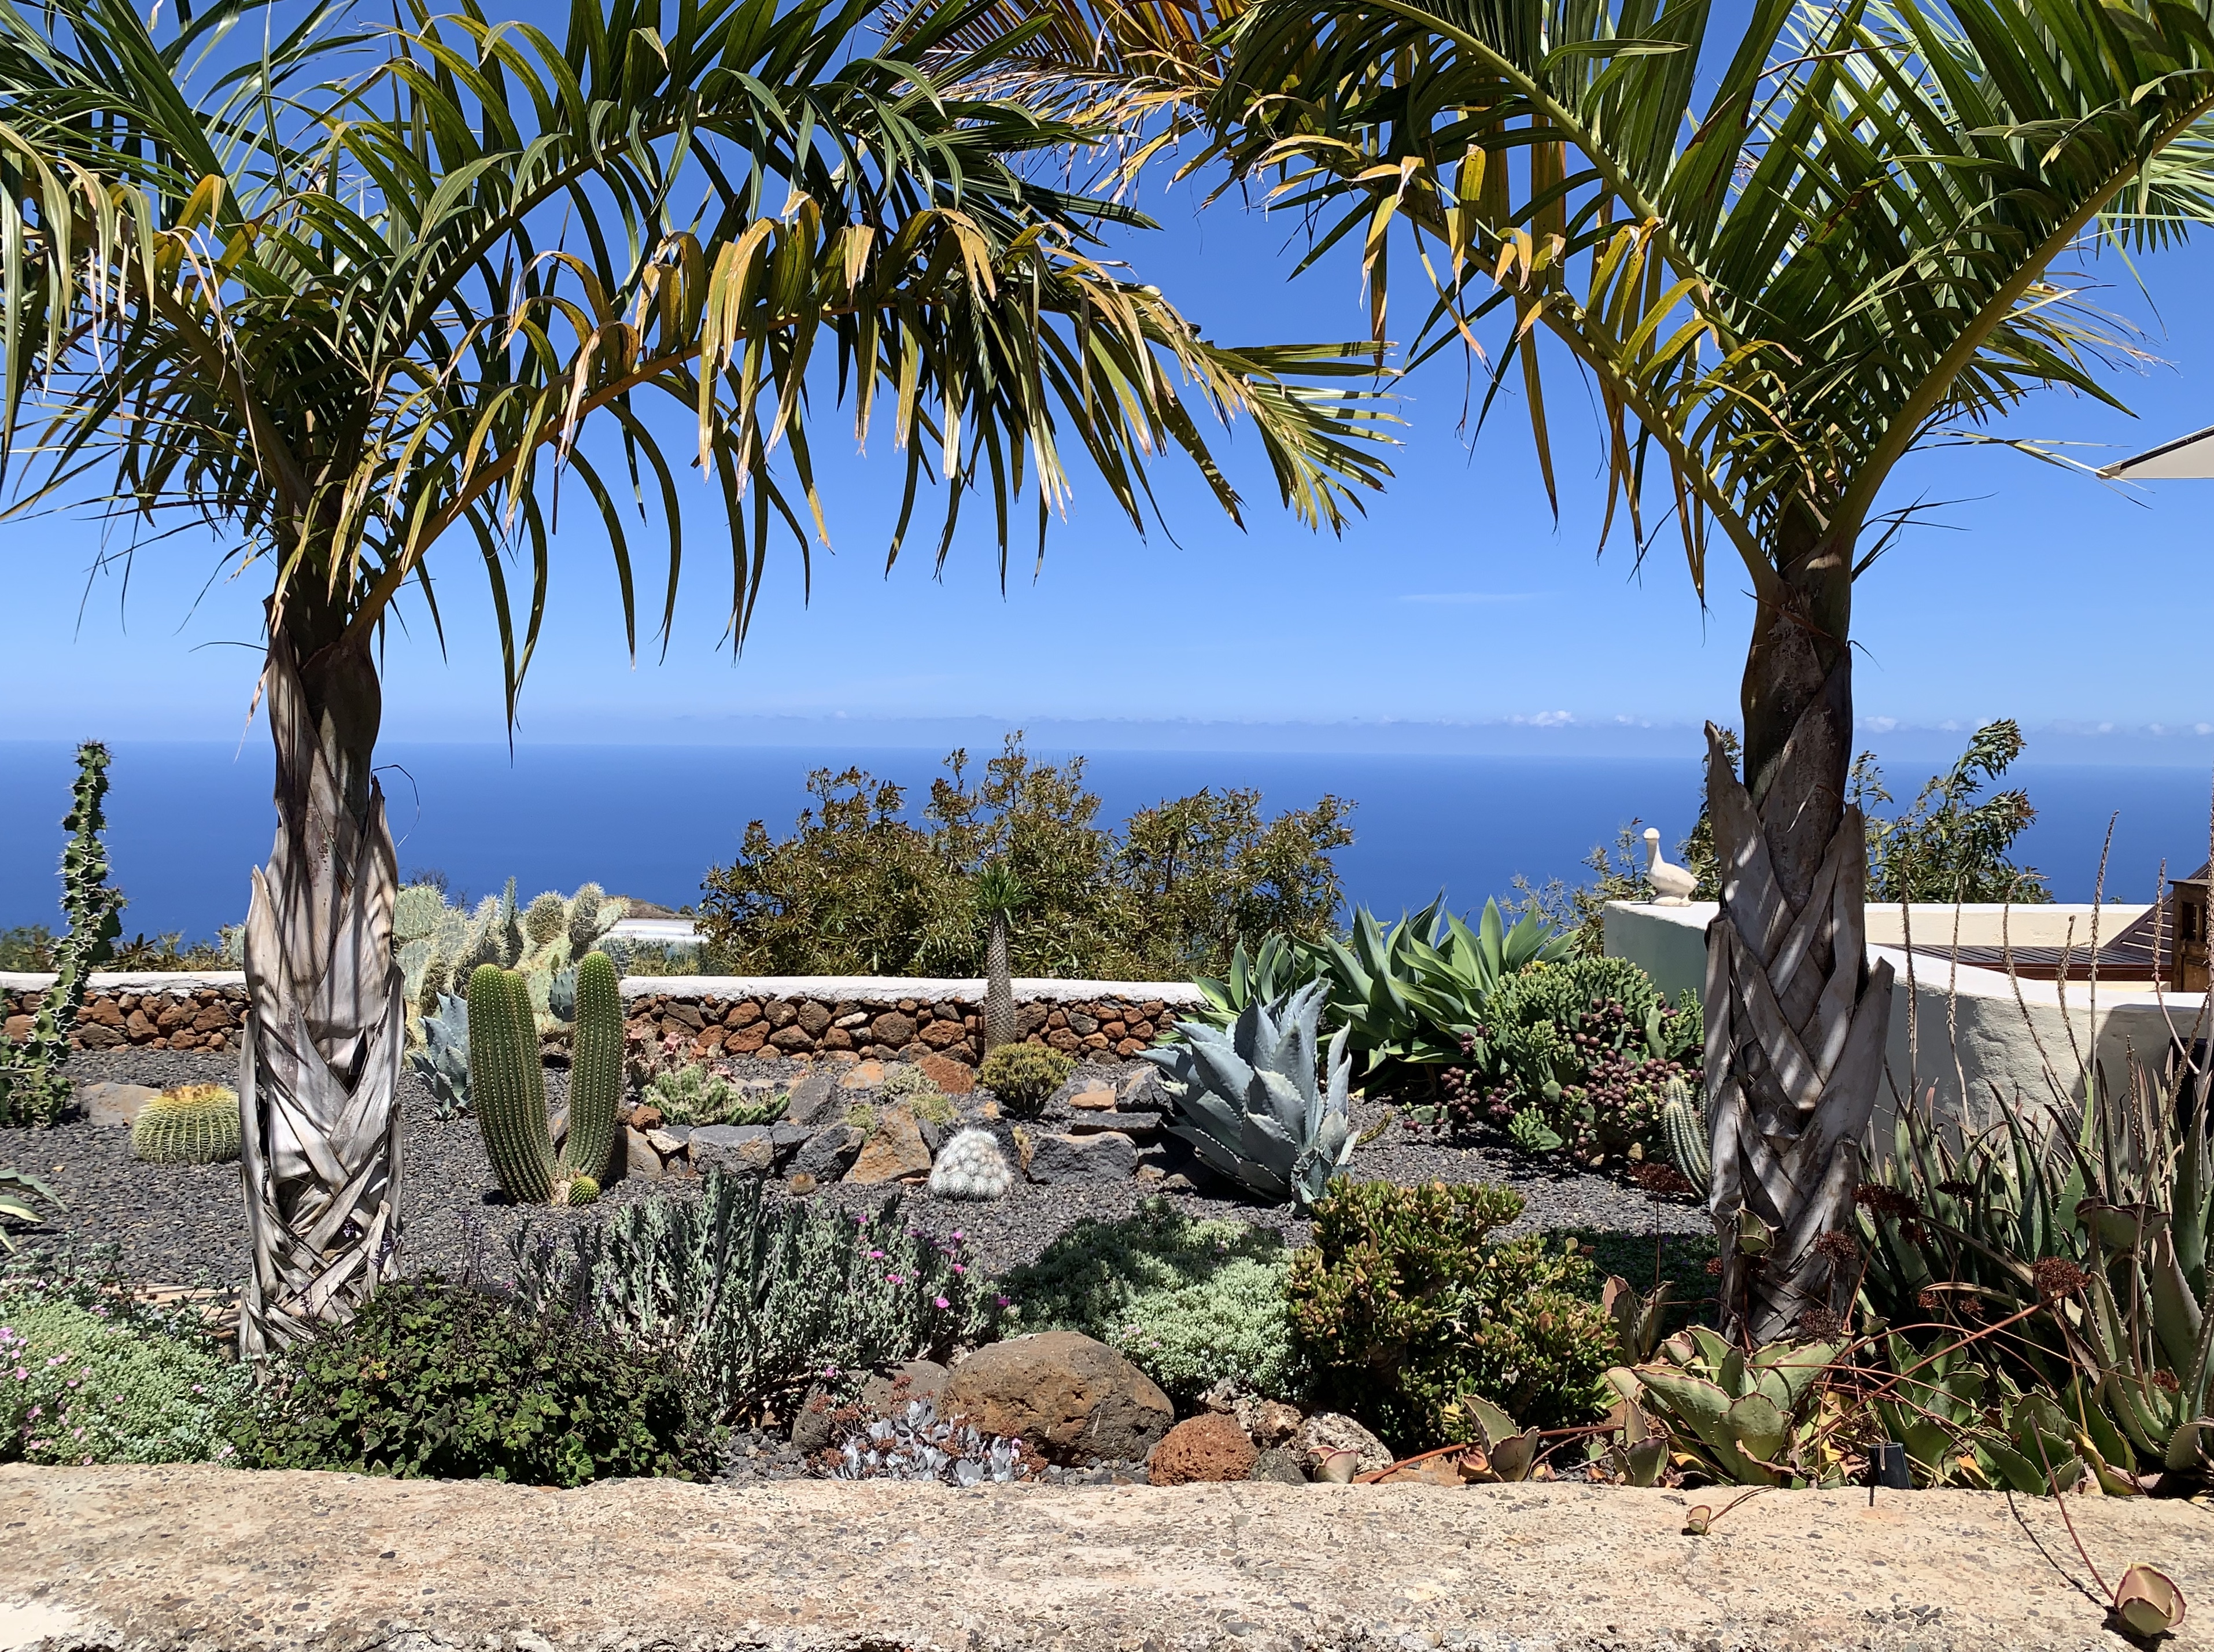 De cactustuin midden